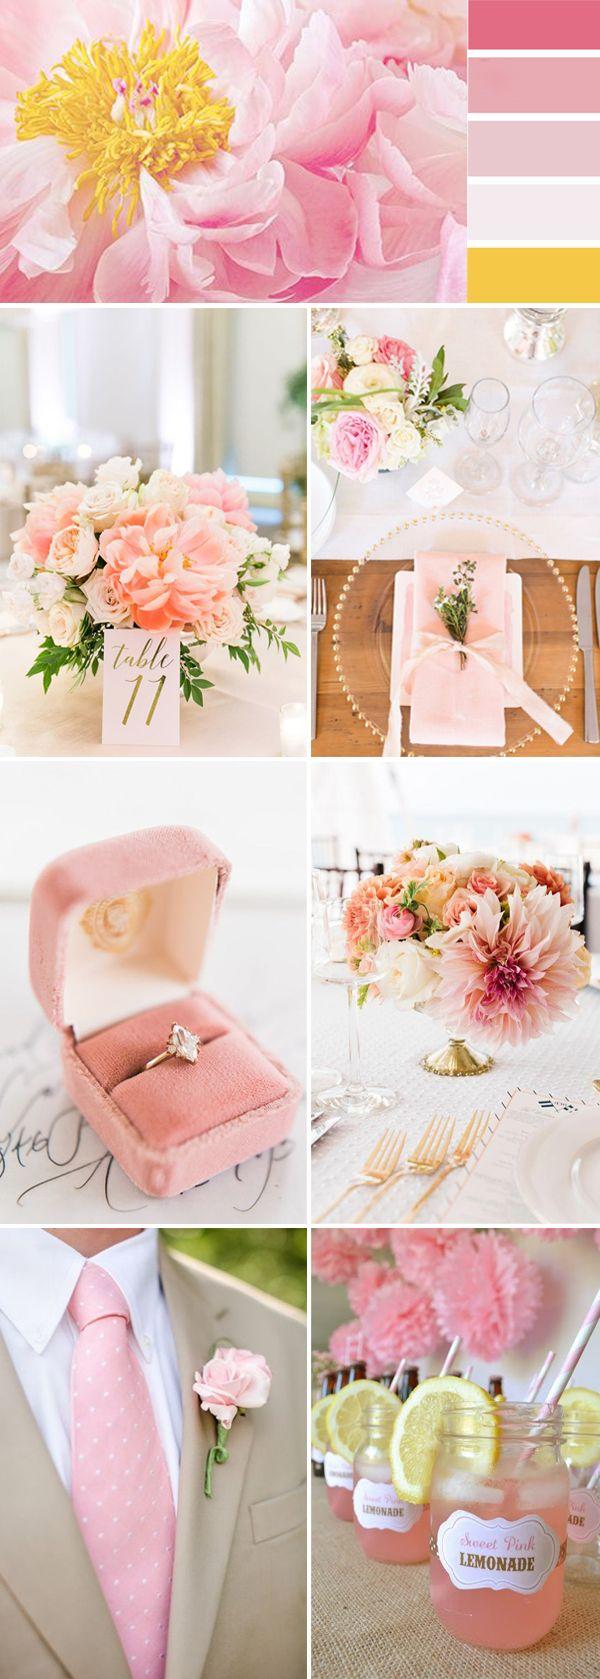 2017 pink wedding color ideas